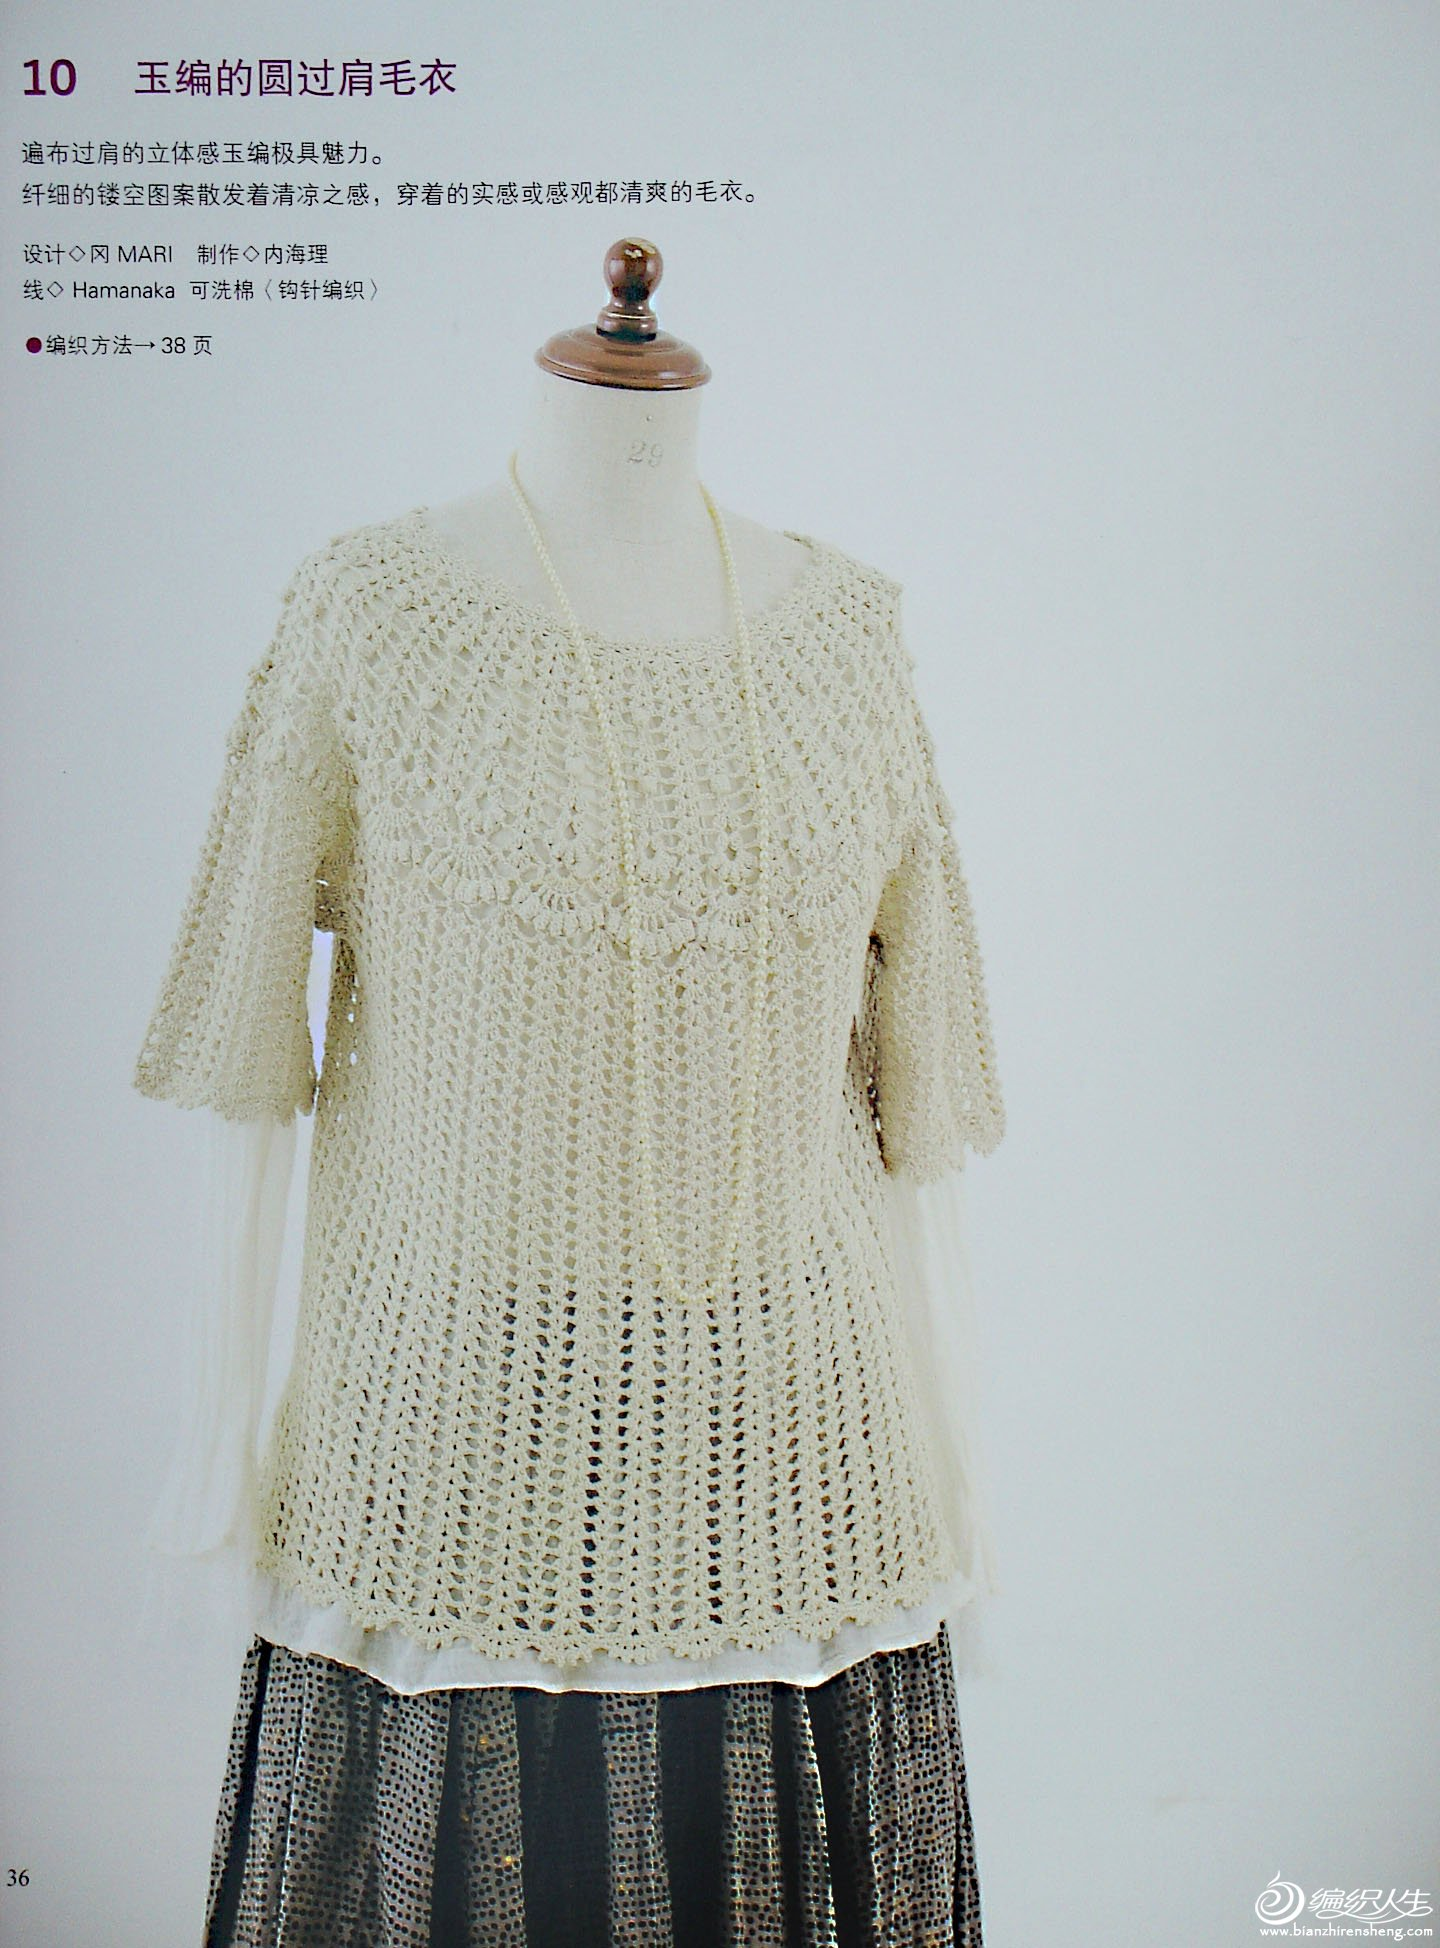 分享一 从领口开始的钩针编织 成人衣服高清图解 高清图片